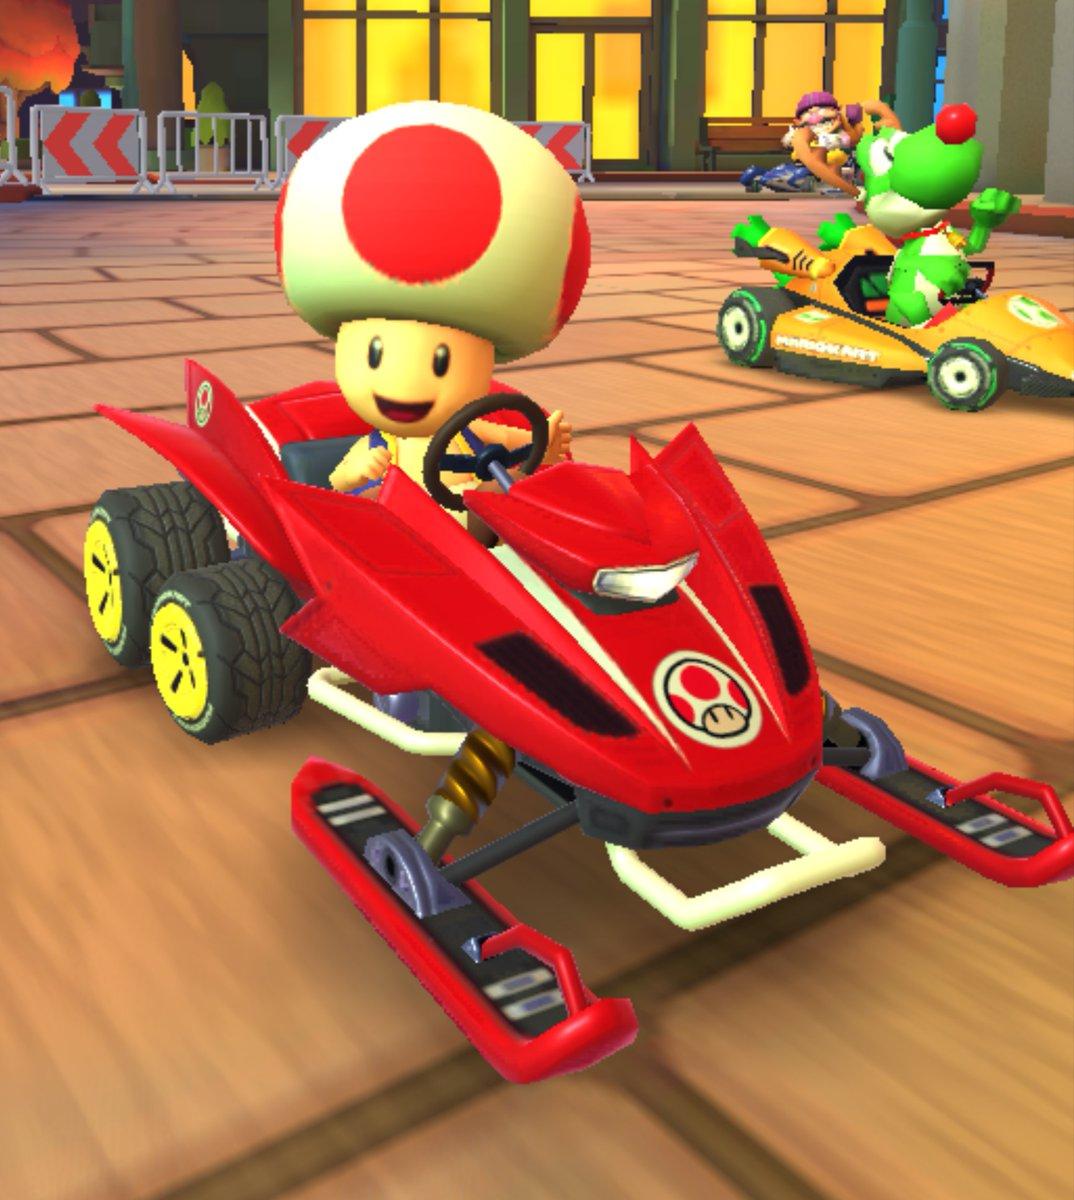 test ツイッターメディア - ゴールドギフトで貰えるスノーモービル。マリパにもスノーモービルレースってミニゲームがあったなぁ(この時マシンの色は青だった)。 #マリオカートツアー https://t.co/qdGyLpECec